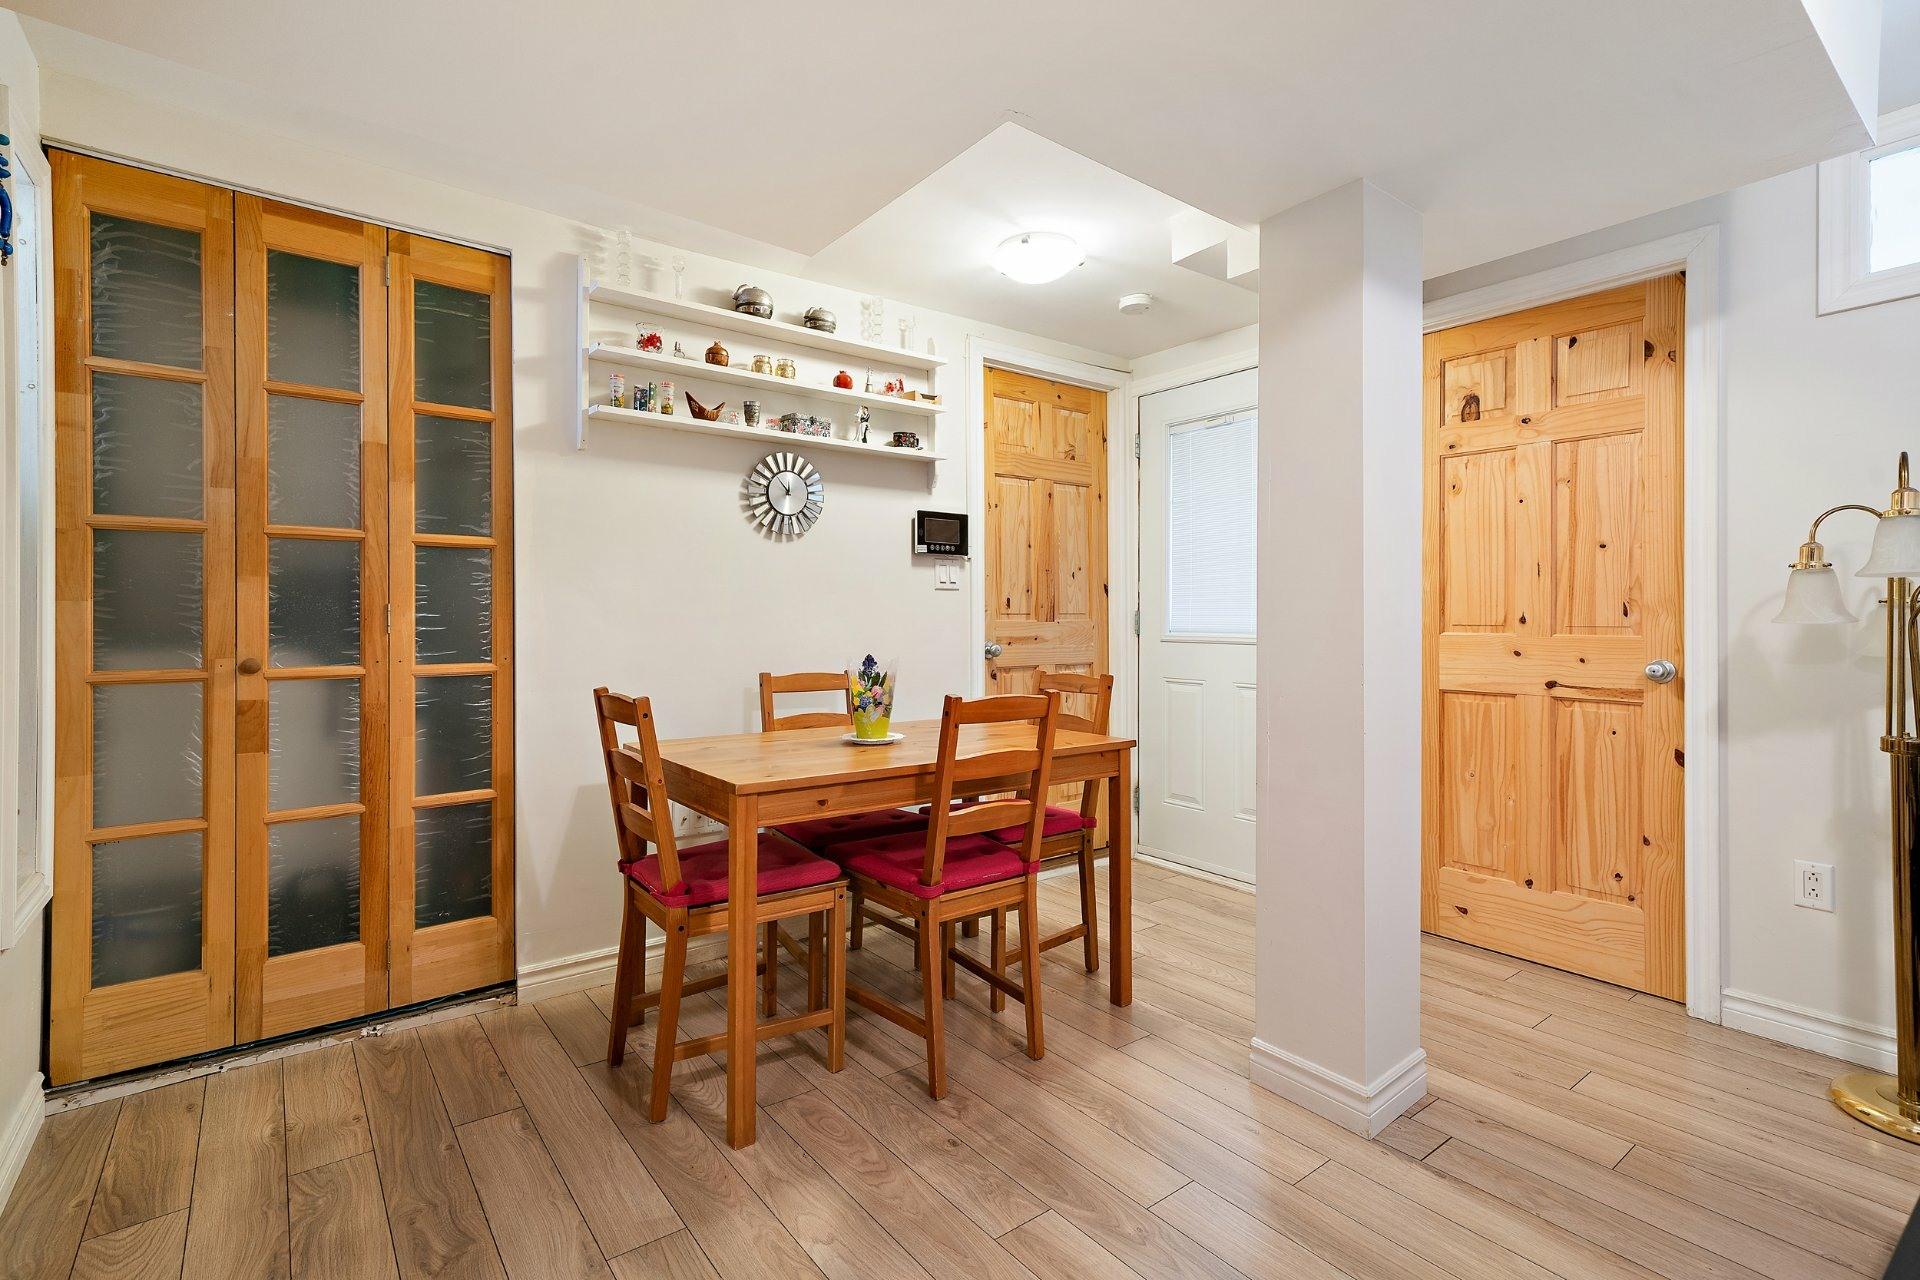 image 36 - Duplex For sale Montréal-Ouest - 5 rooms